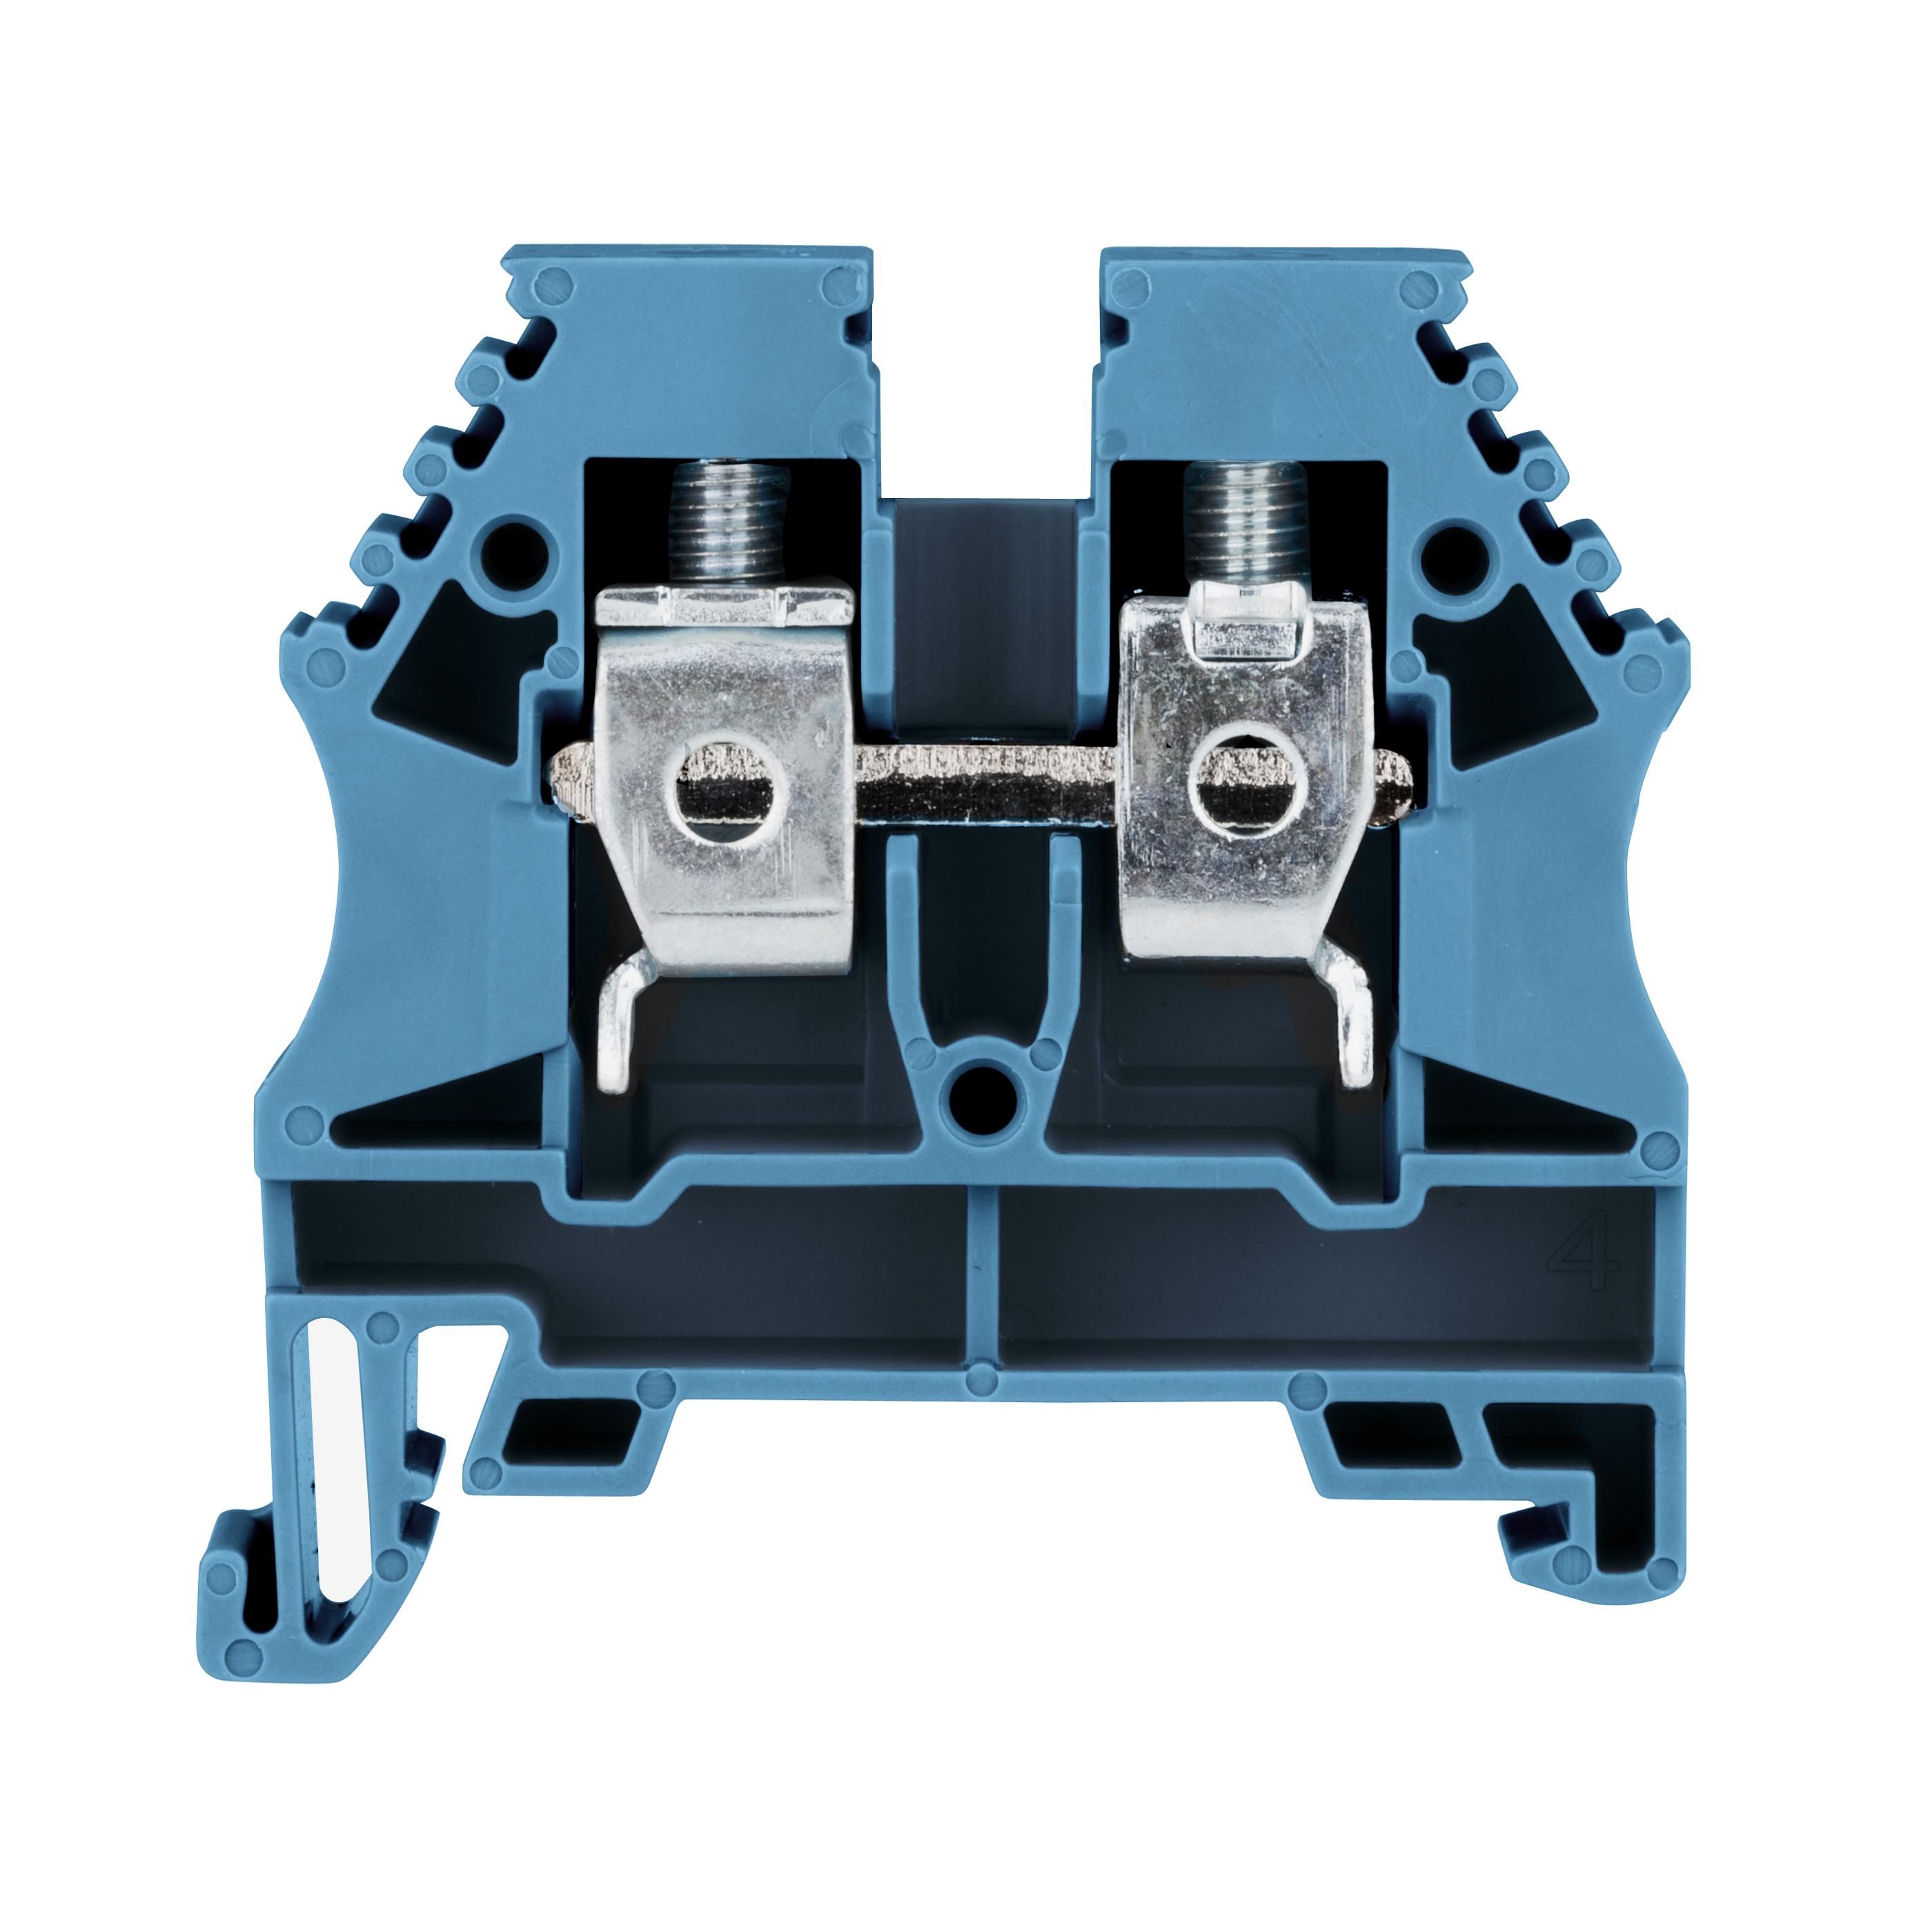 1 Stk Reihenklemme 10mm² AVK 10, blau IK601010--